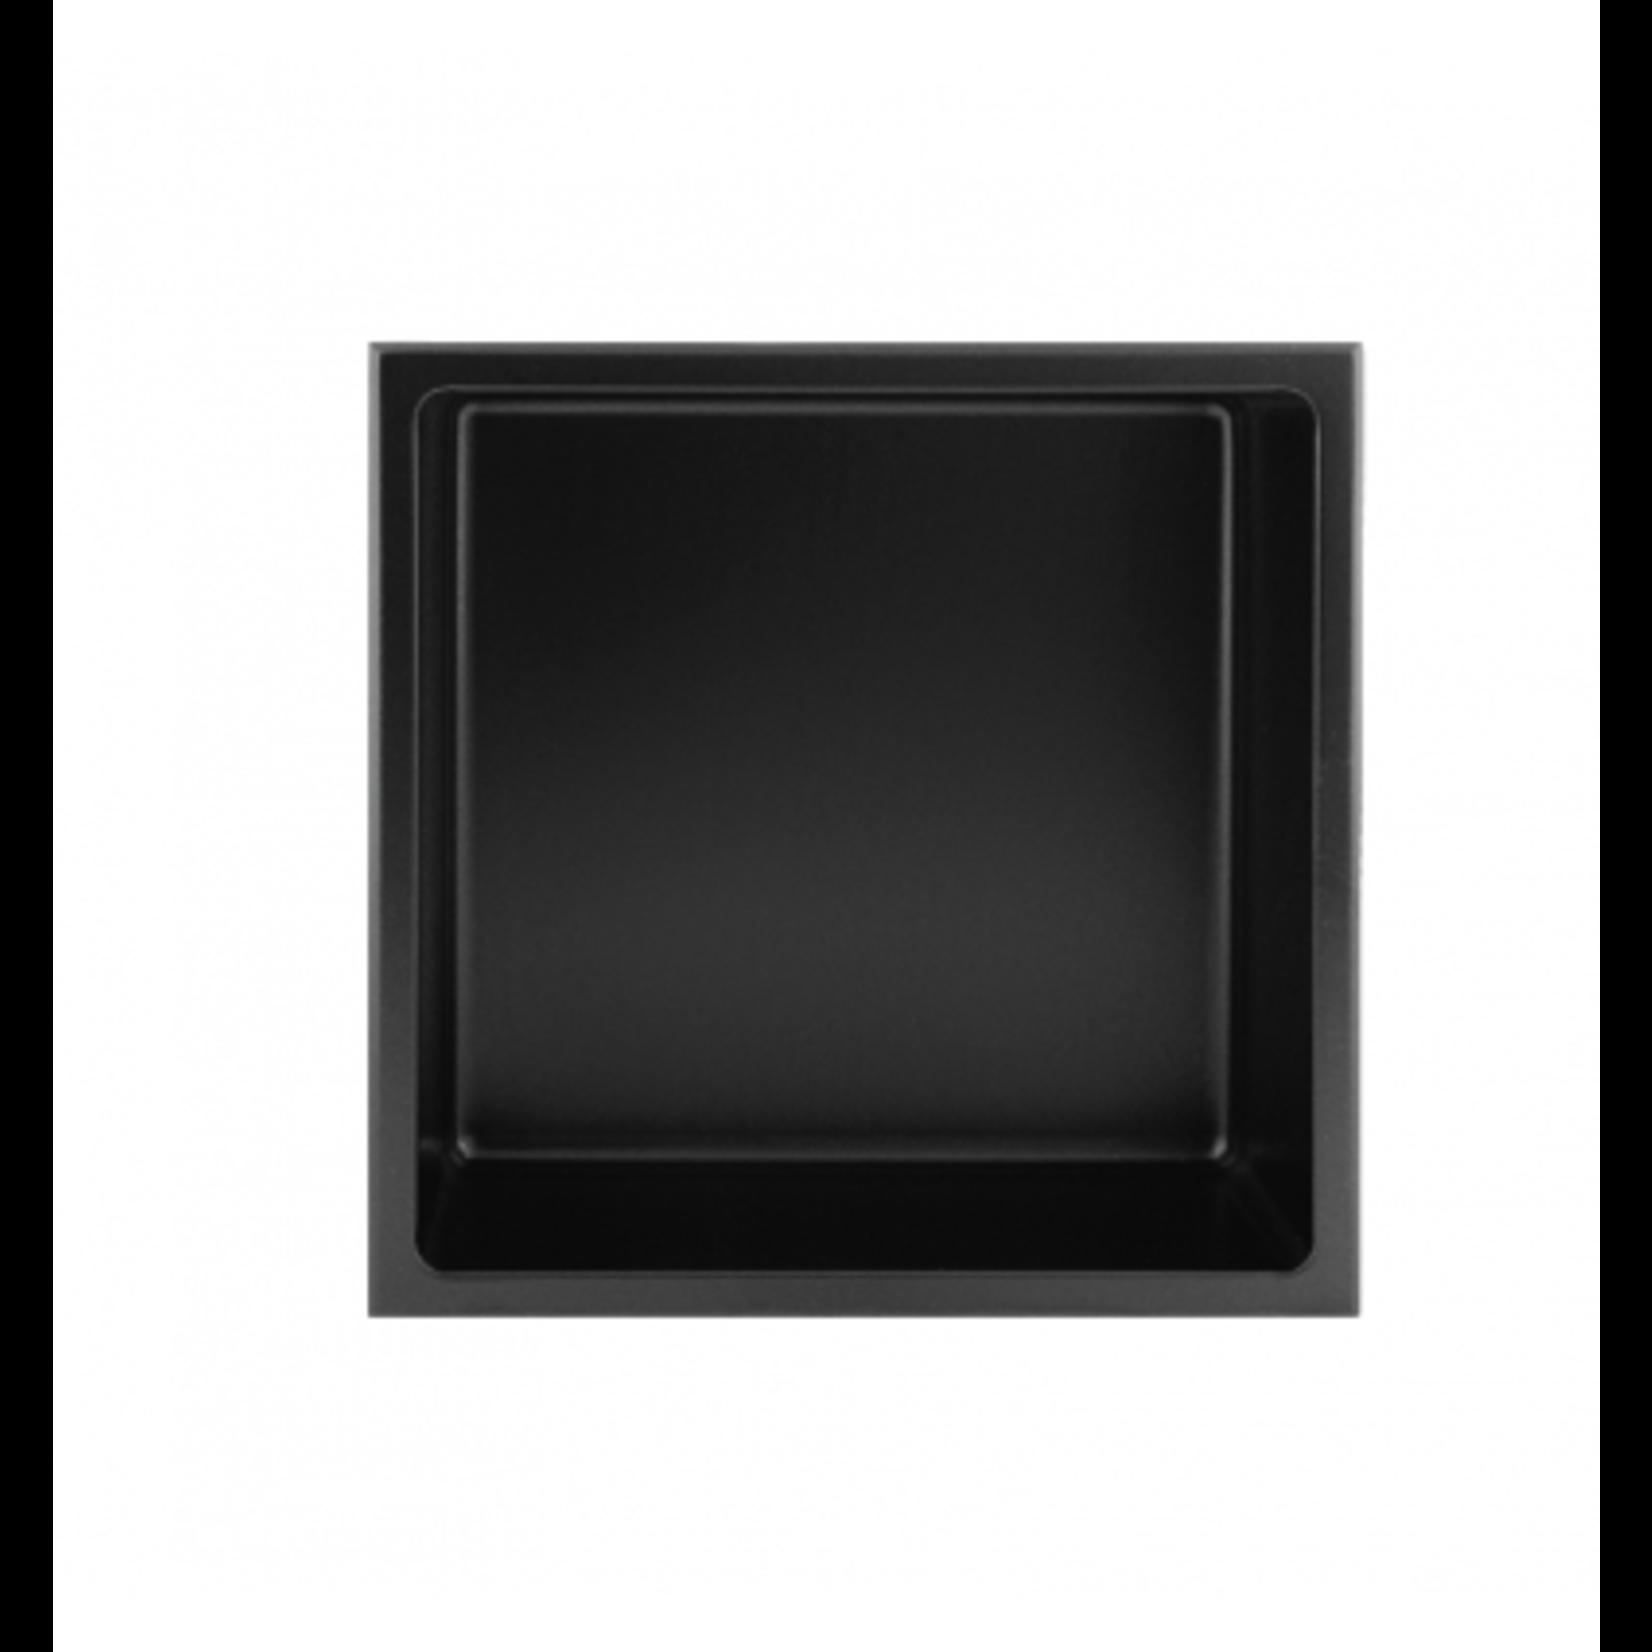 Wall niche 12x12 Black Nautika NI1212B